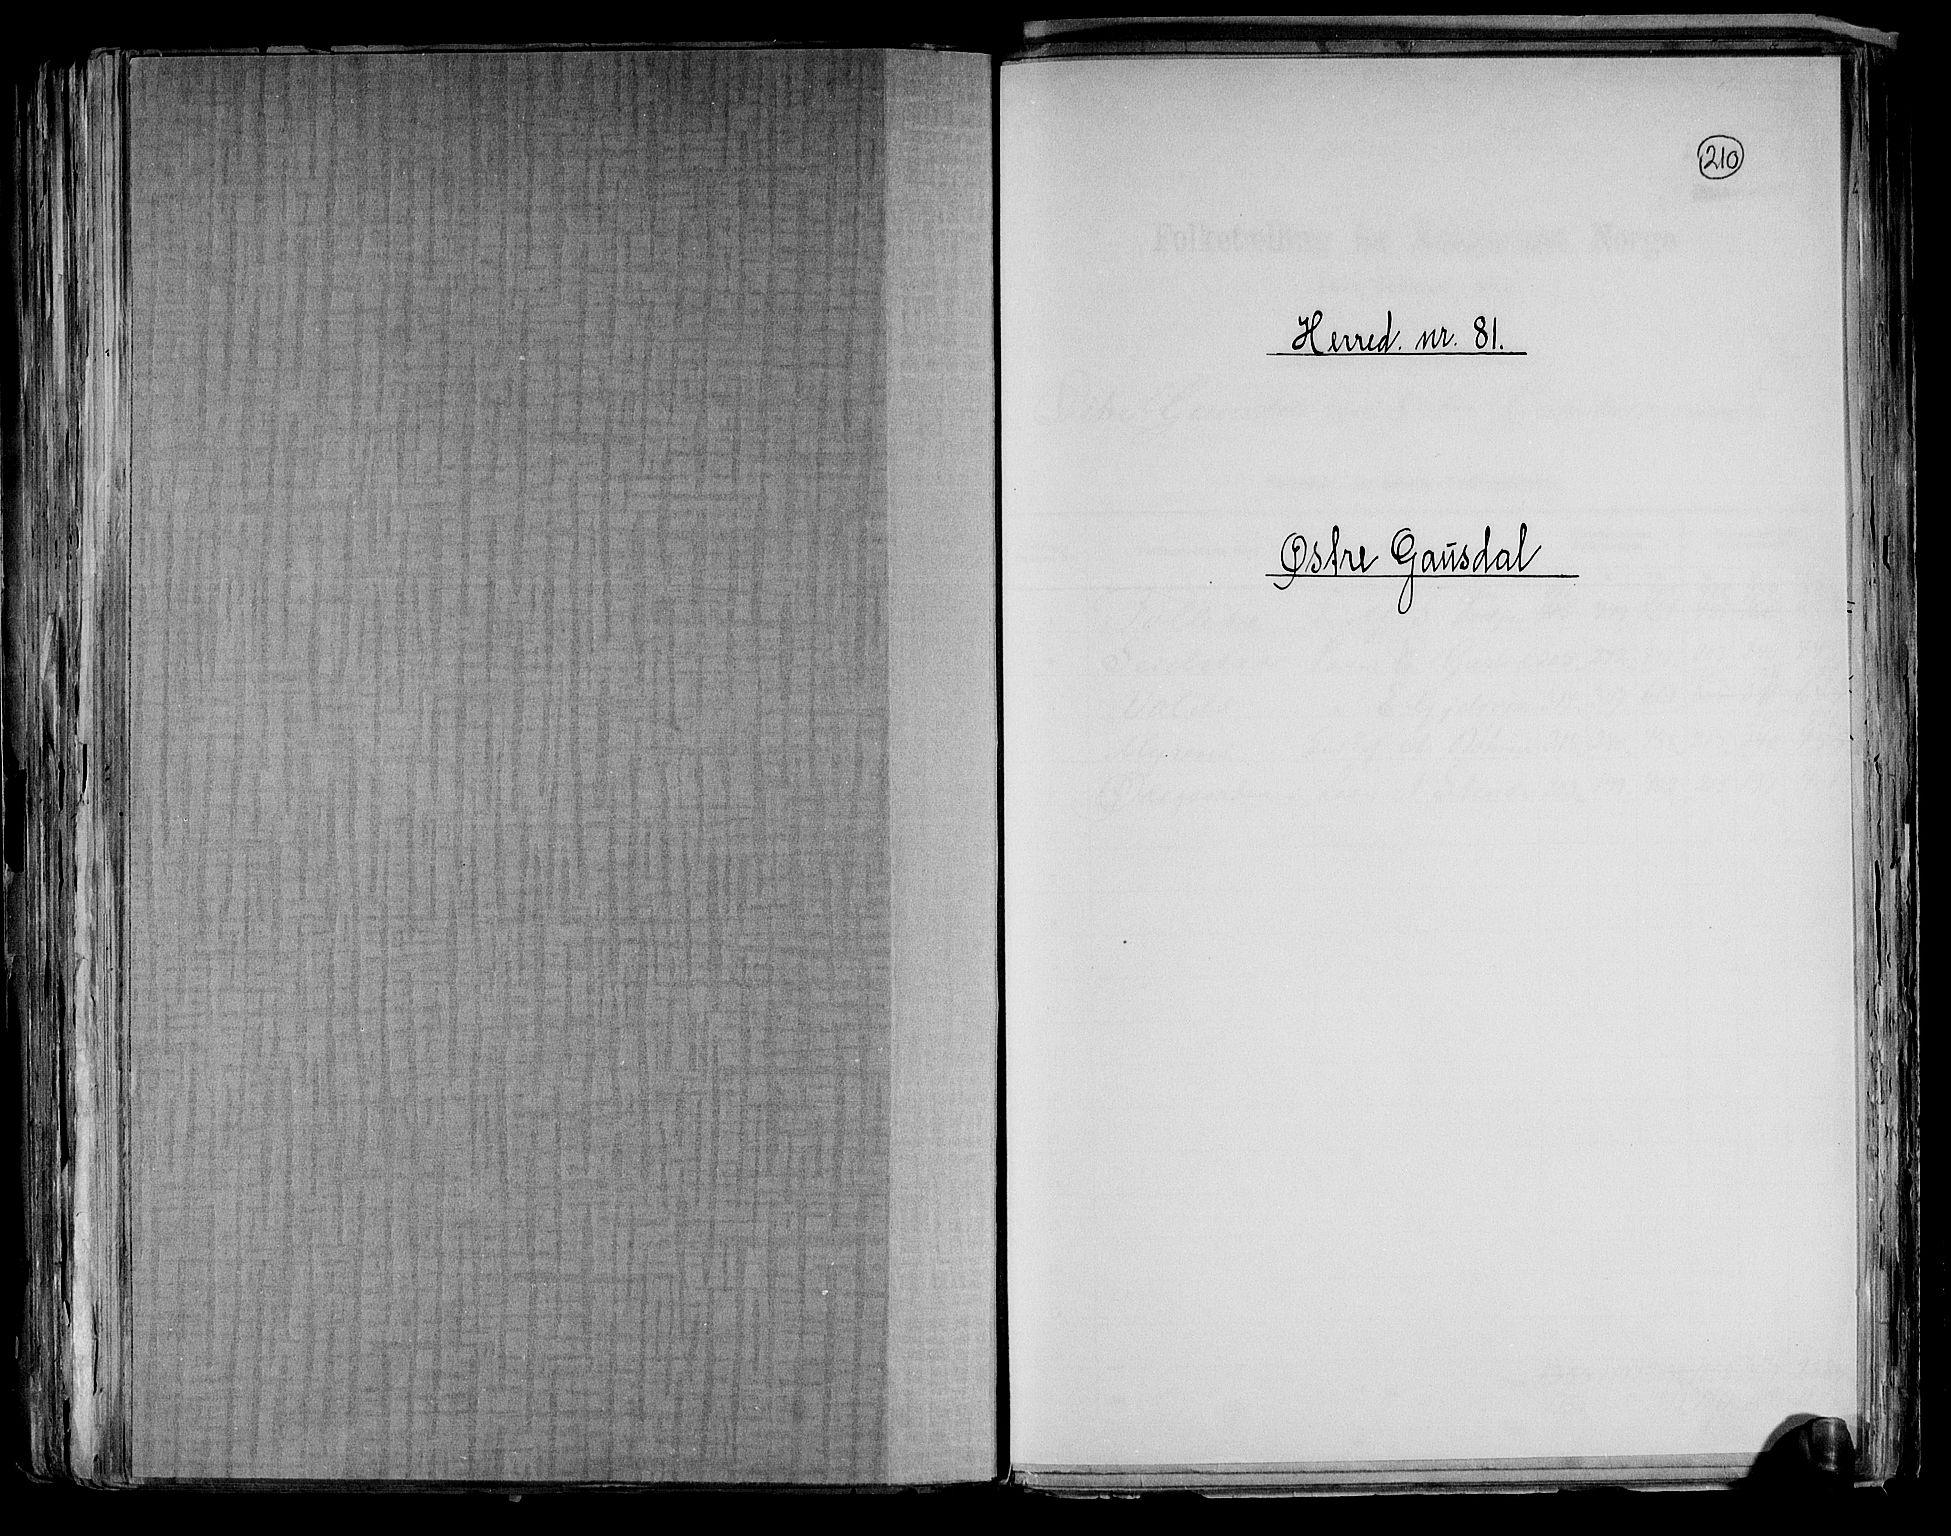 RA, Folketelling 1891 for 0522 Østre Gausdal herred, 1891, s. 1